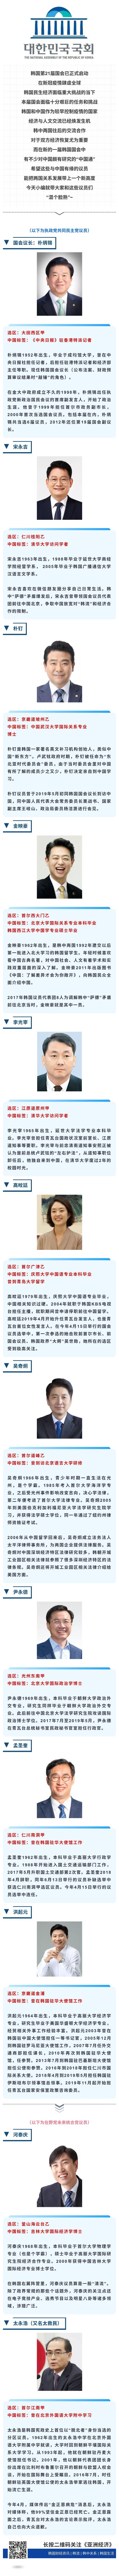 """韩国第21届国会起航 """"中国通""""议员可真不少!"""